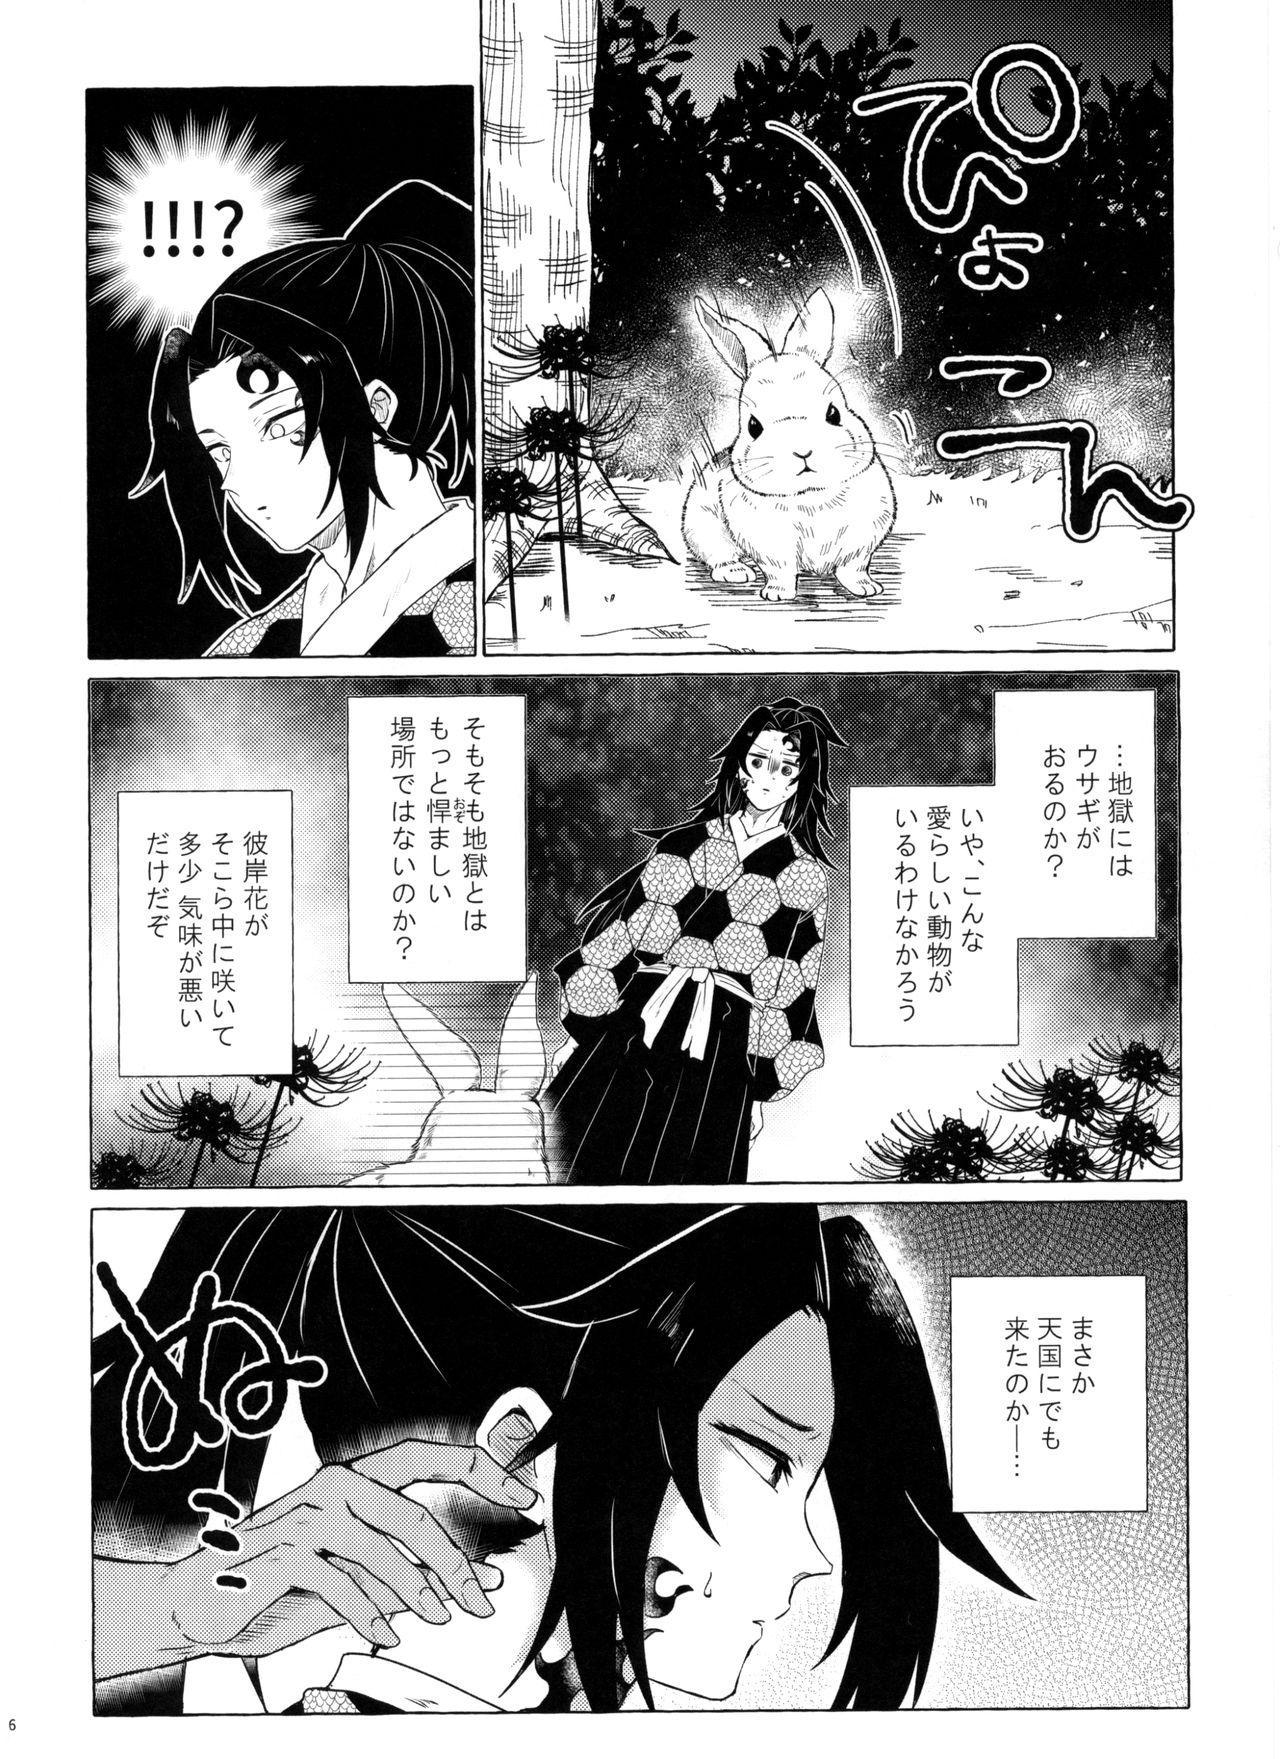 Tanoshii Jigoku no Icchoume 4